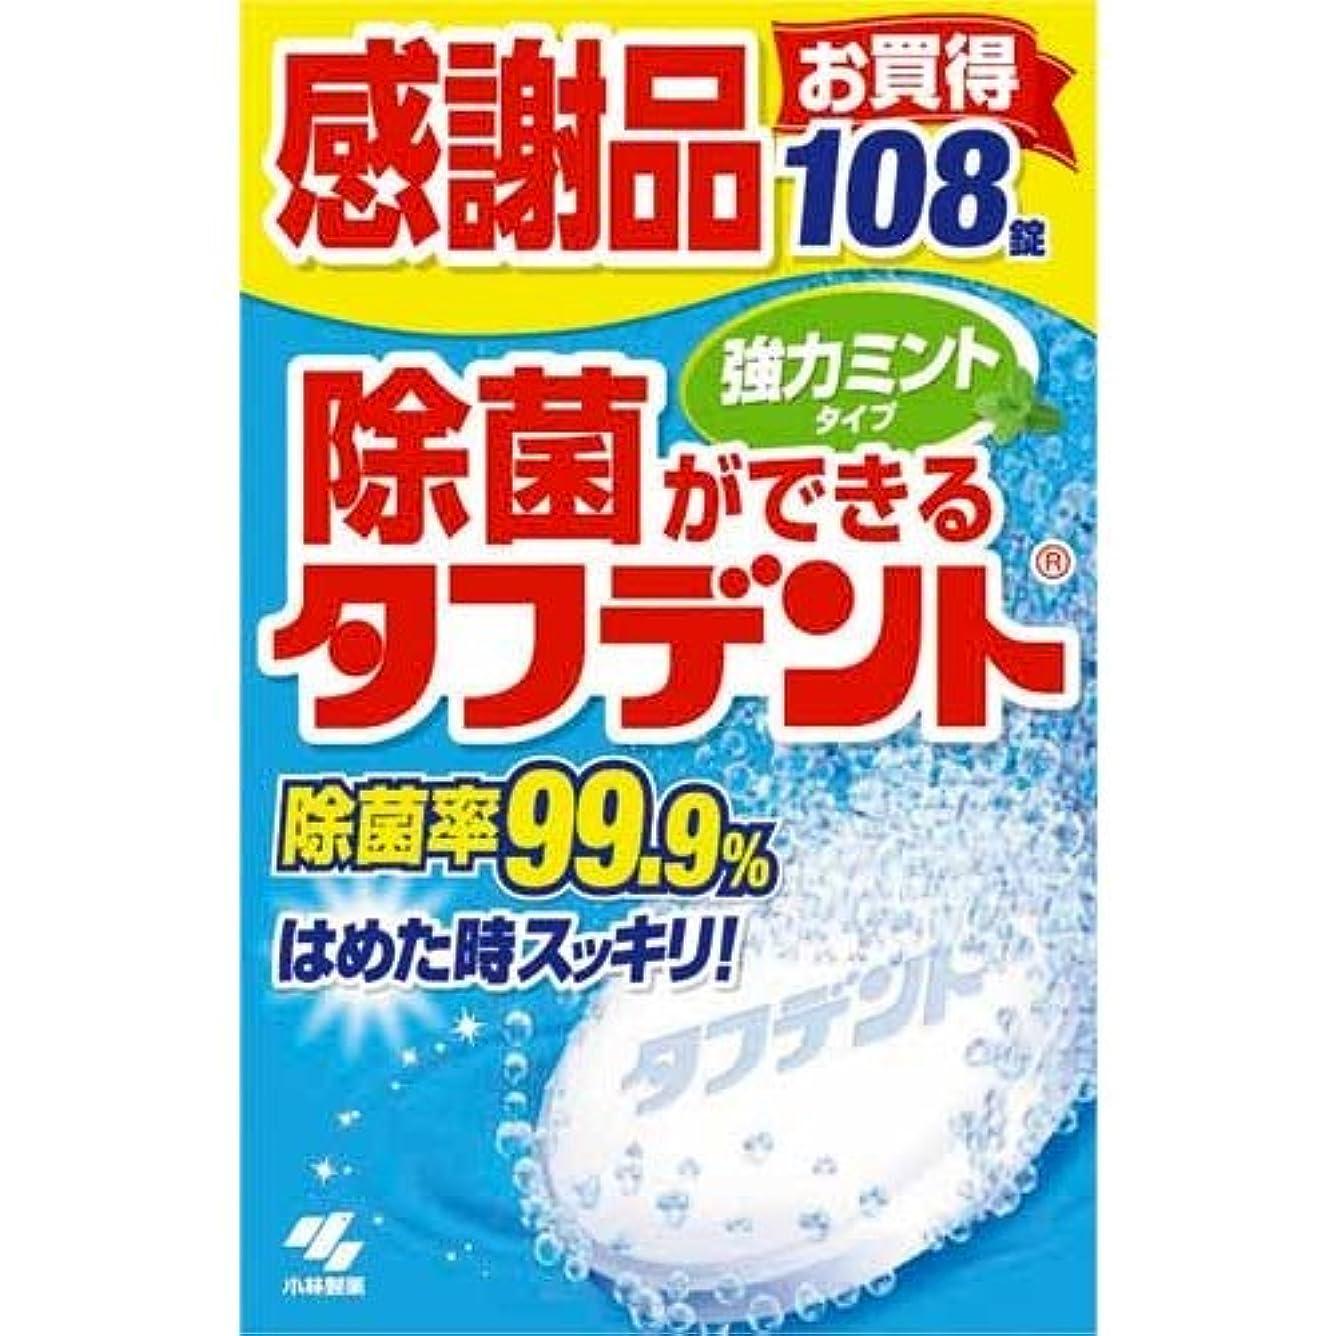 アラブ人上下するコンパイル小林製薬 除菌ができるタフデント 強力ミントタイプ 感謝品 108錠